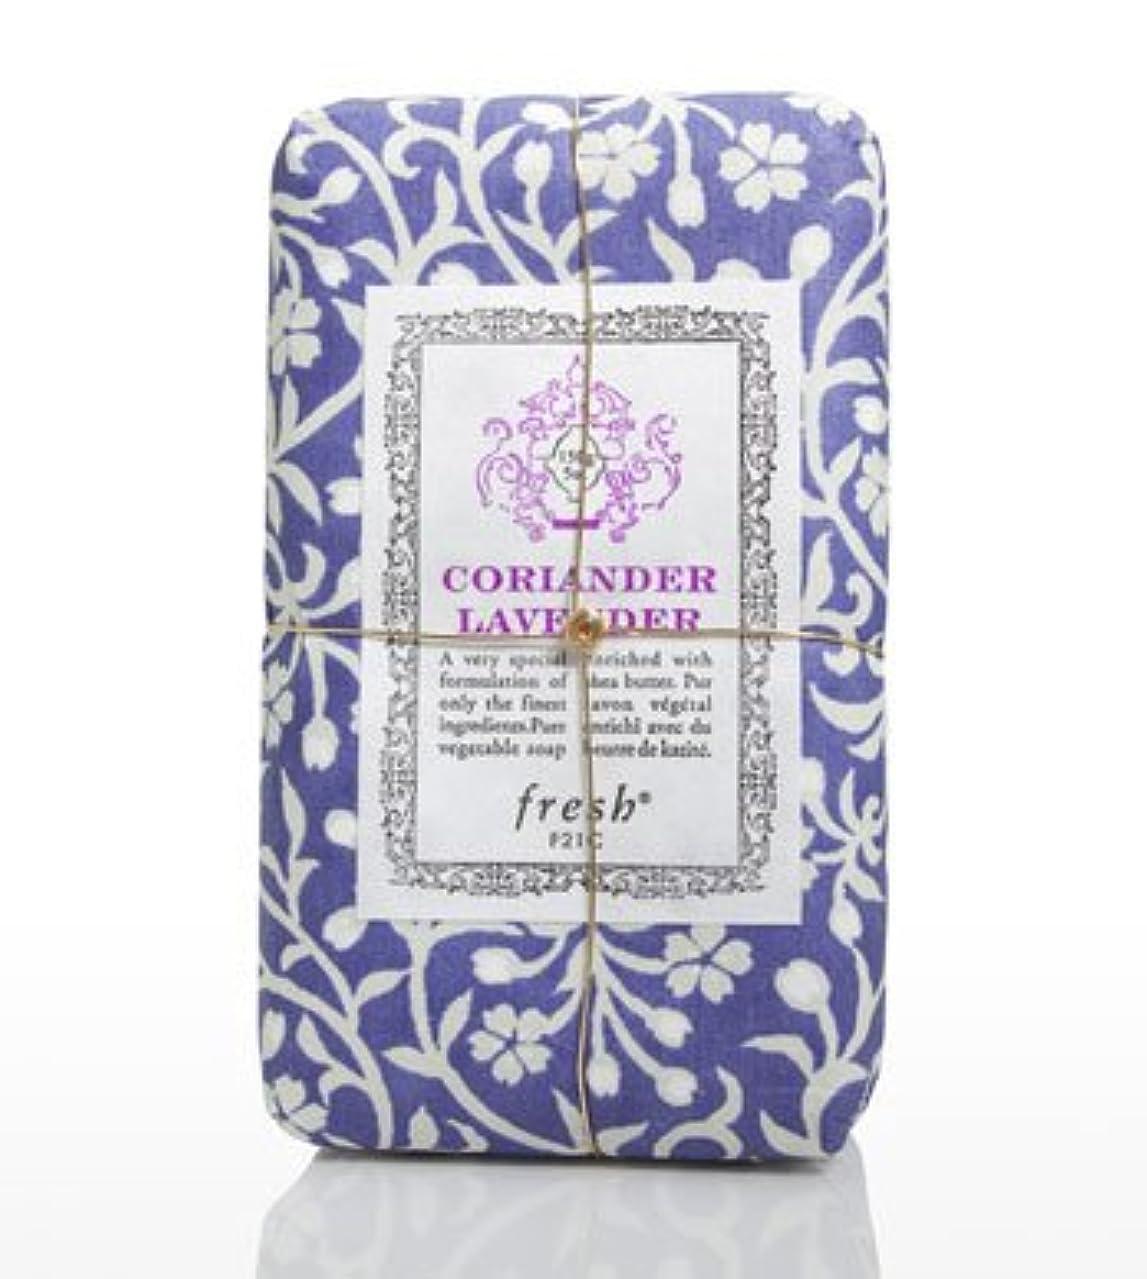 傑出した従事するマイナスFresh CORIANDER LAVENDAR SOAP(フレッシュ コリアンダーラベンダー ソープ) 5.0 oz (150gl) 石鹸 by Fresh